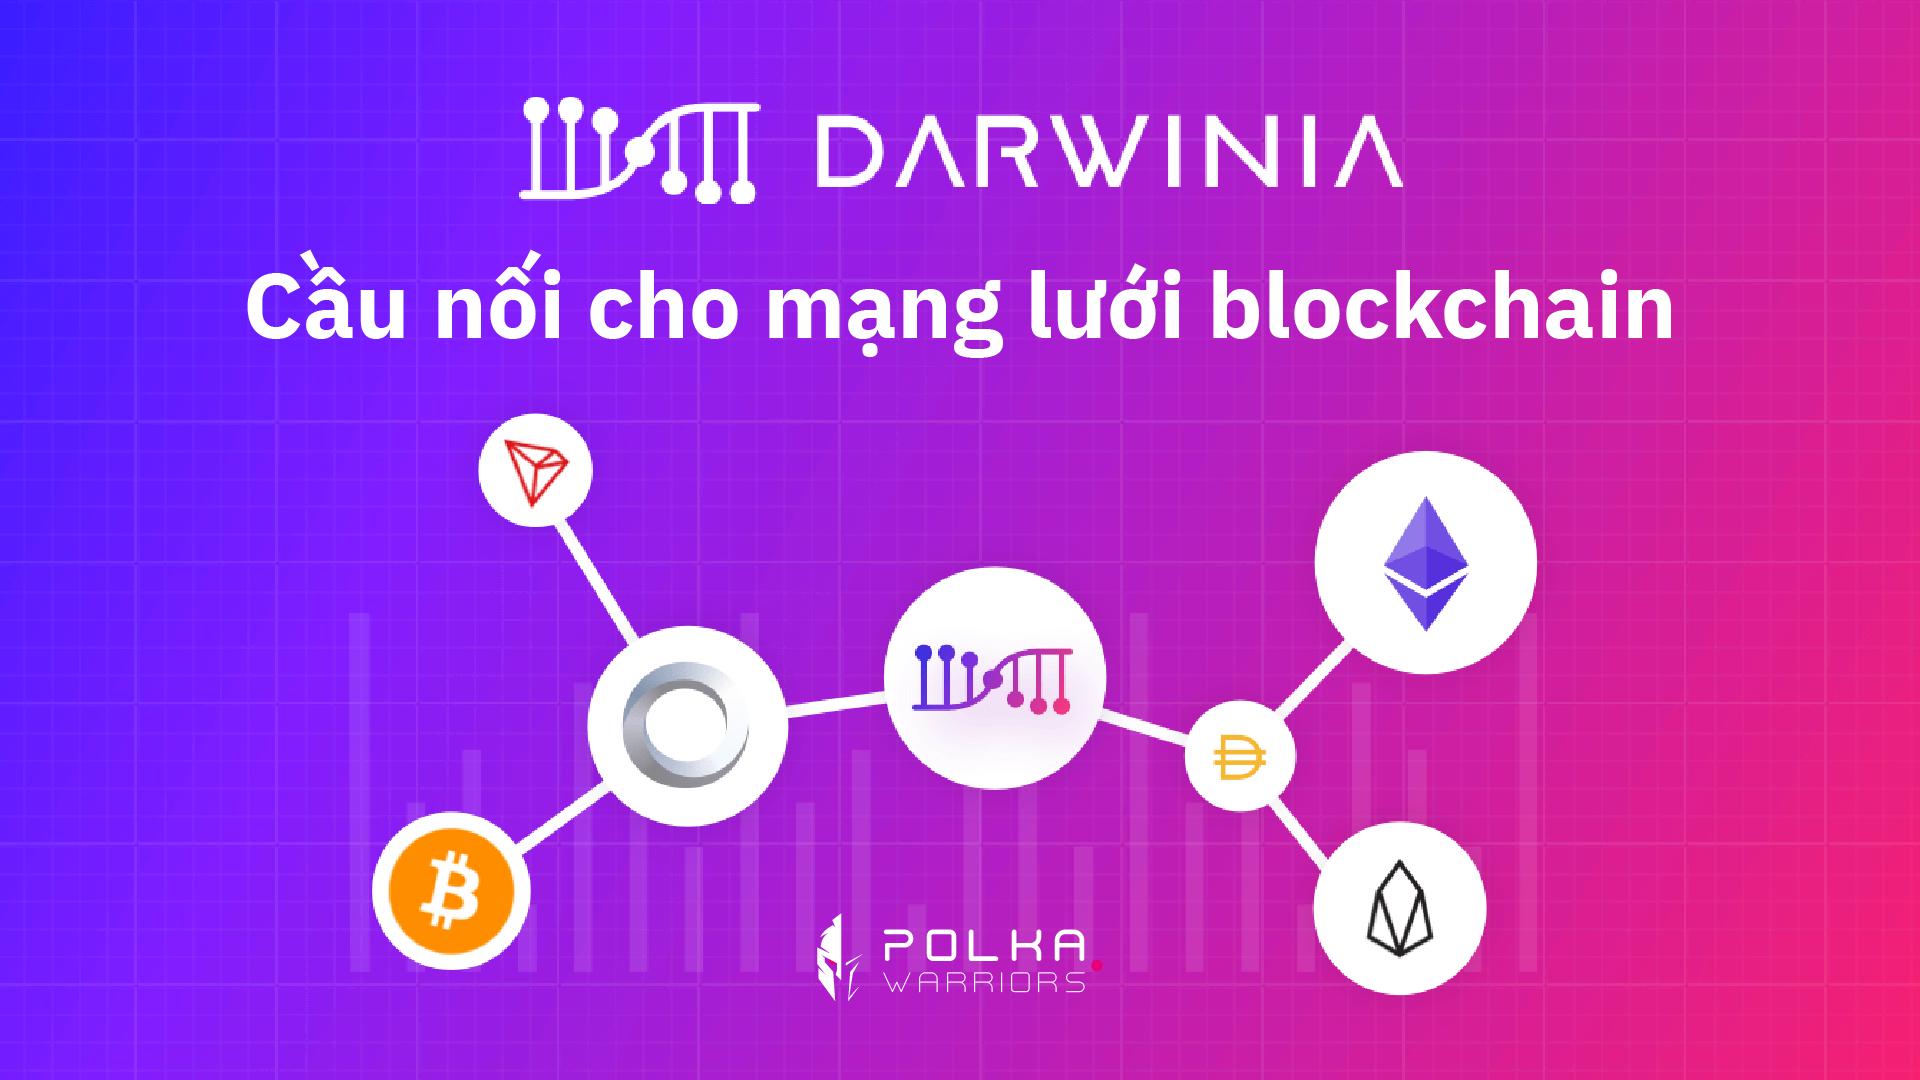 DARWINIA: Cầu nối cho mạng lưới blockchain - Syndicator